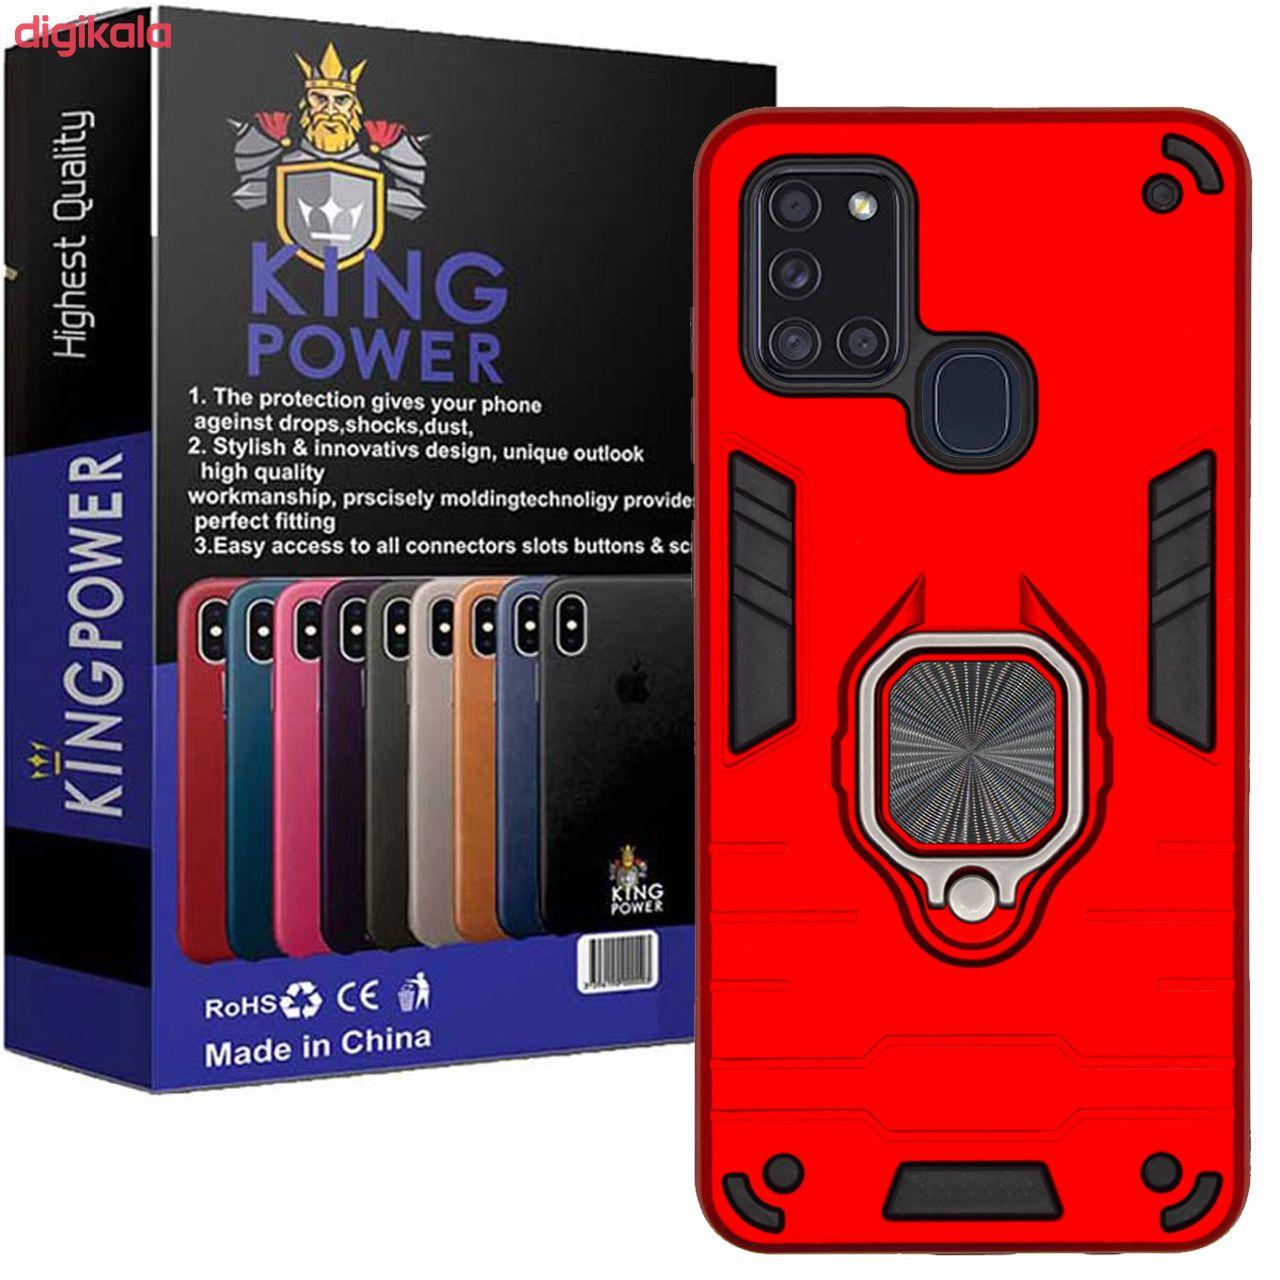 کاور کینگ پاور مدل ASH22 مناسب برای گوشی موبایل سامسونگ Galaxy A21S main 1 1